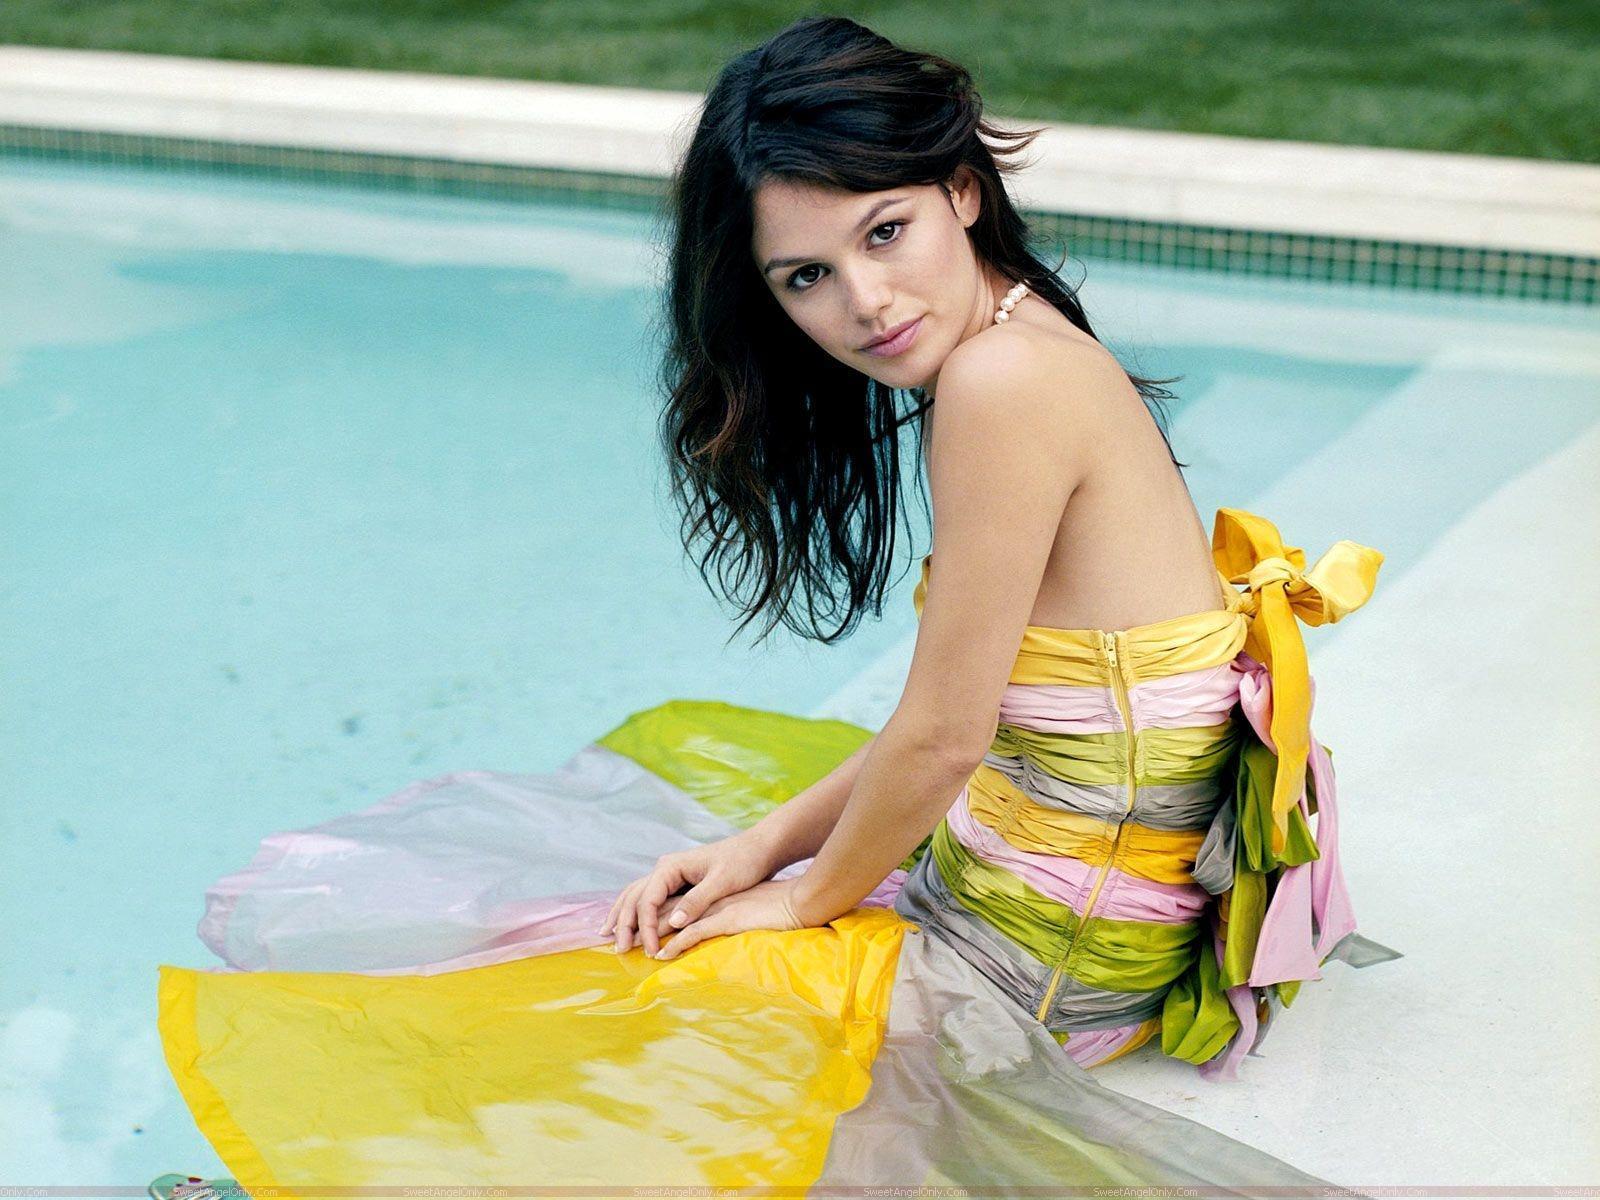 http://2.bp.blogspot.com/-F25RAT3PAVo/TjLURAeJTiI/AAAAAAAAH6Q/3dU7N6NveCI/s1600/rachel_sarah_bilson_resting_on_pool.jpg